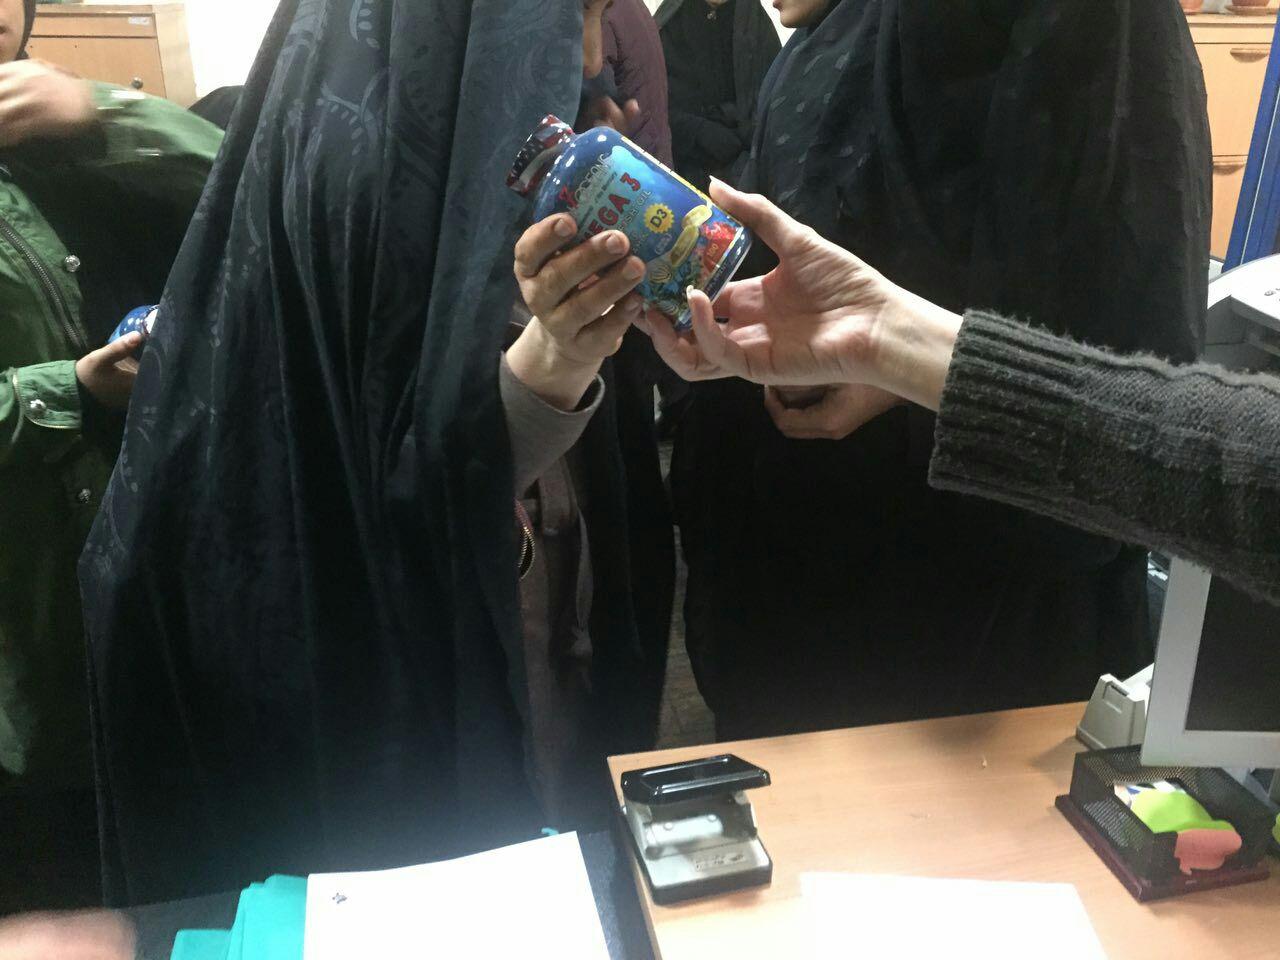 توزیع قرص های مکمل در میان مددجویان مهرآفرین